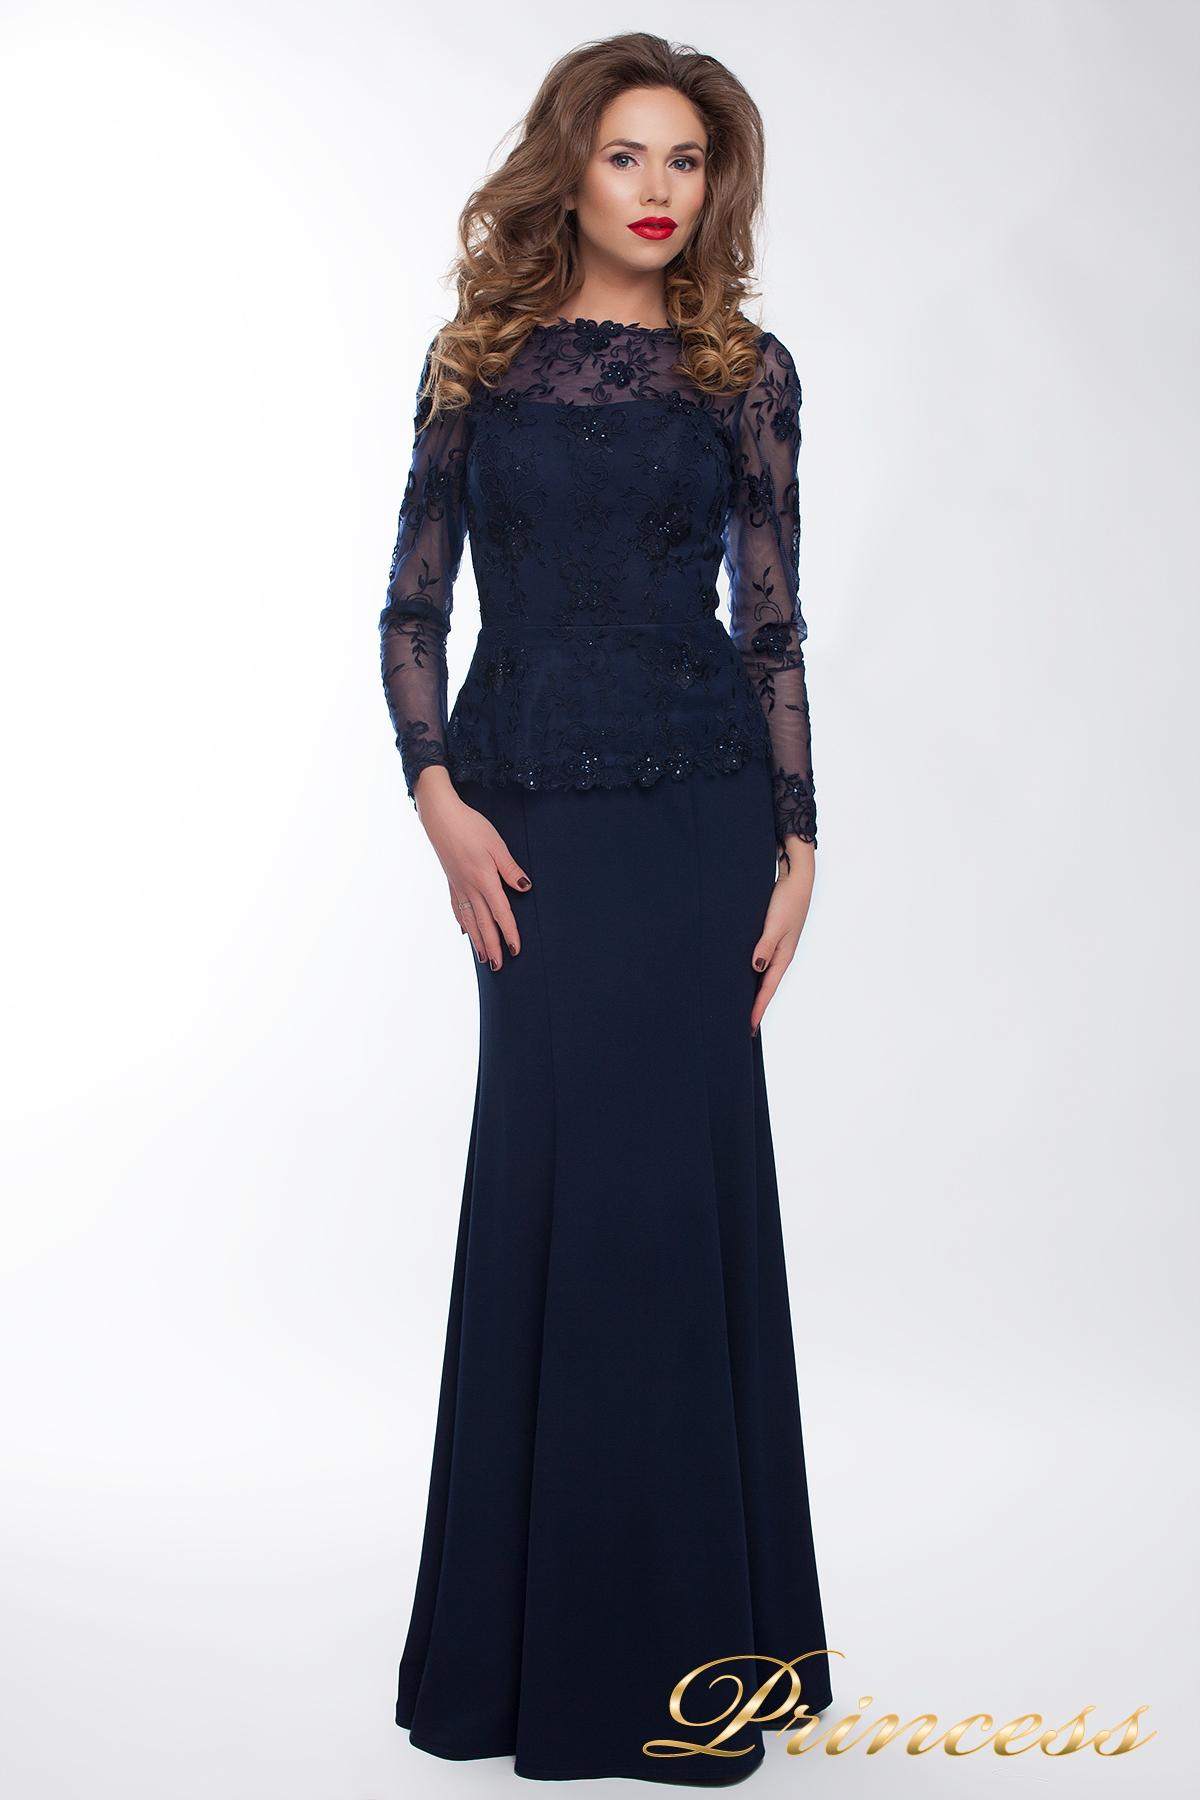 Купить вечернее платье 13526 navy smal синего цвета по цене 32500 ... 037f7ade3c7